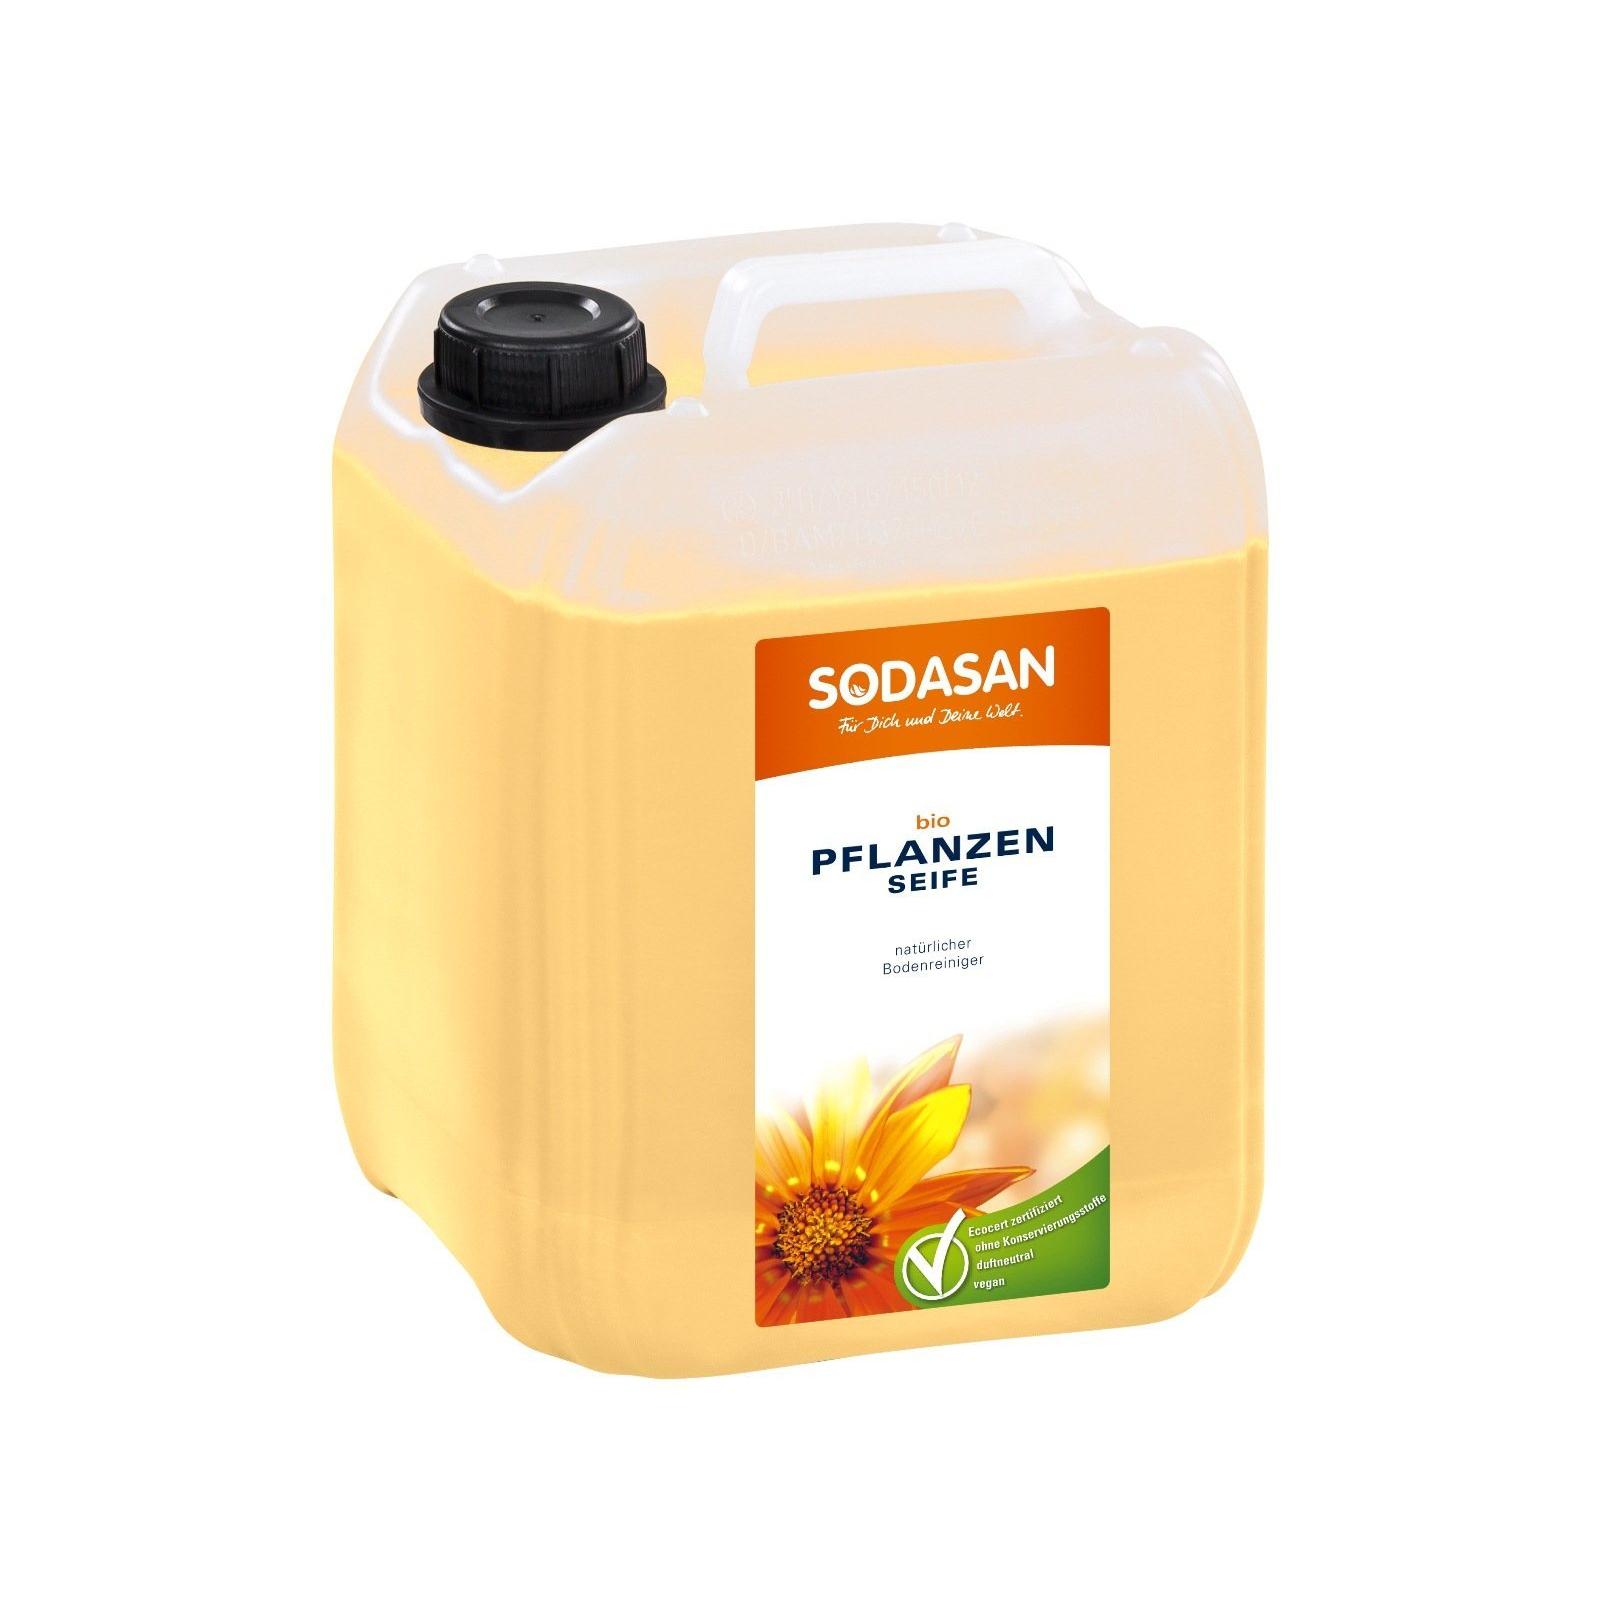 Моющая жидкость для уборки Sodasan для полов и стен 5 л (4019886000789)